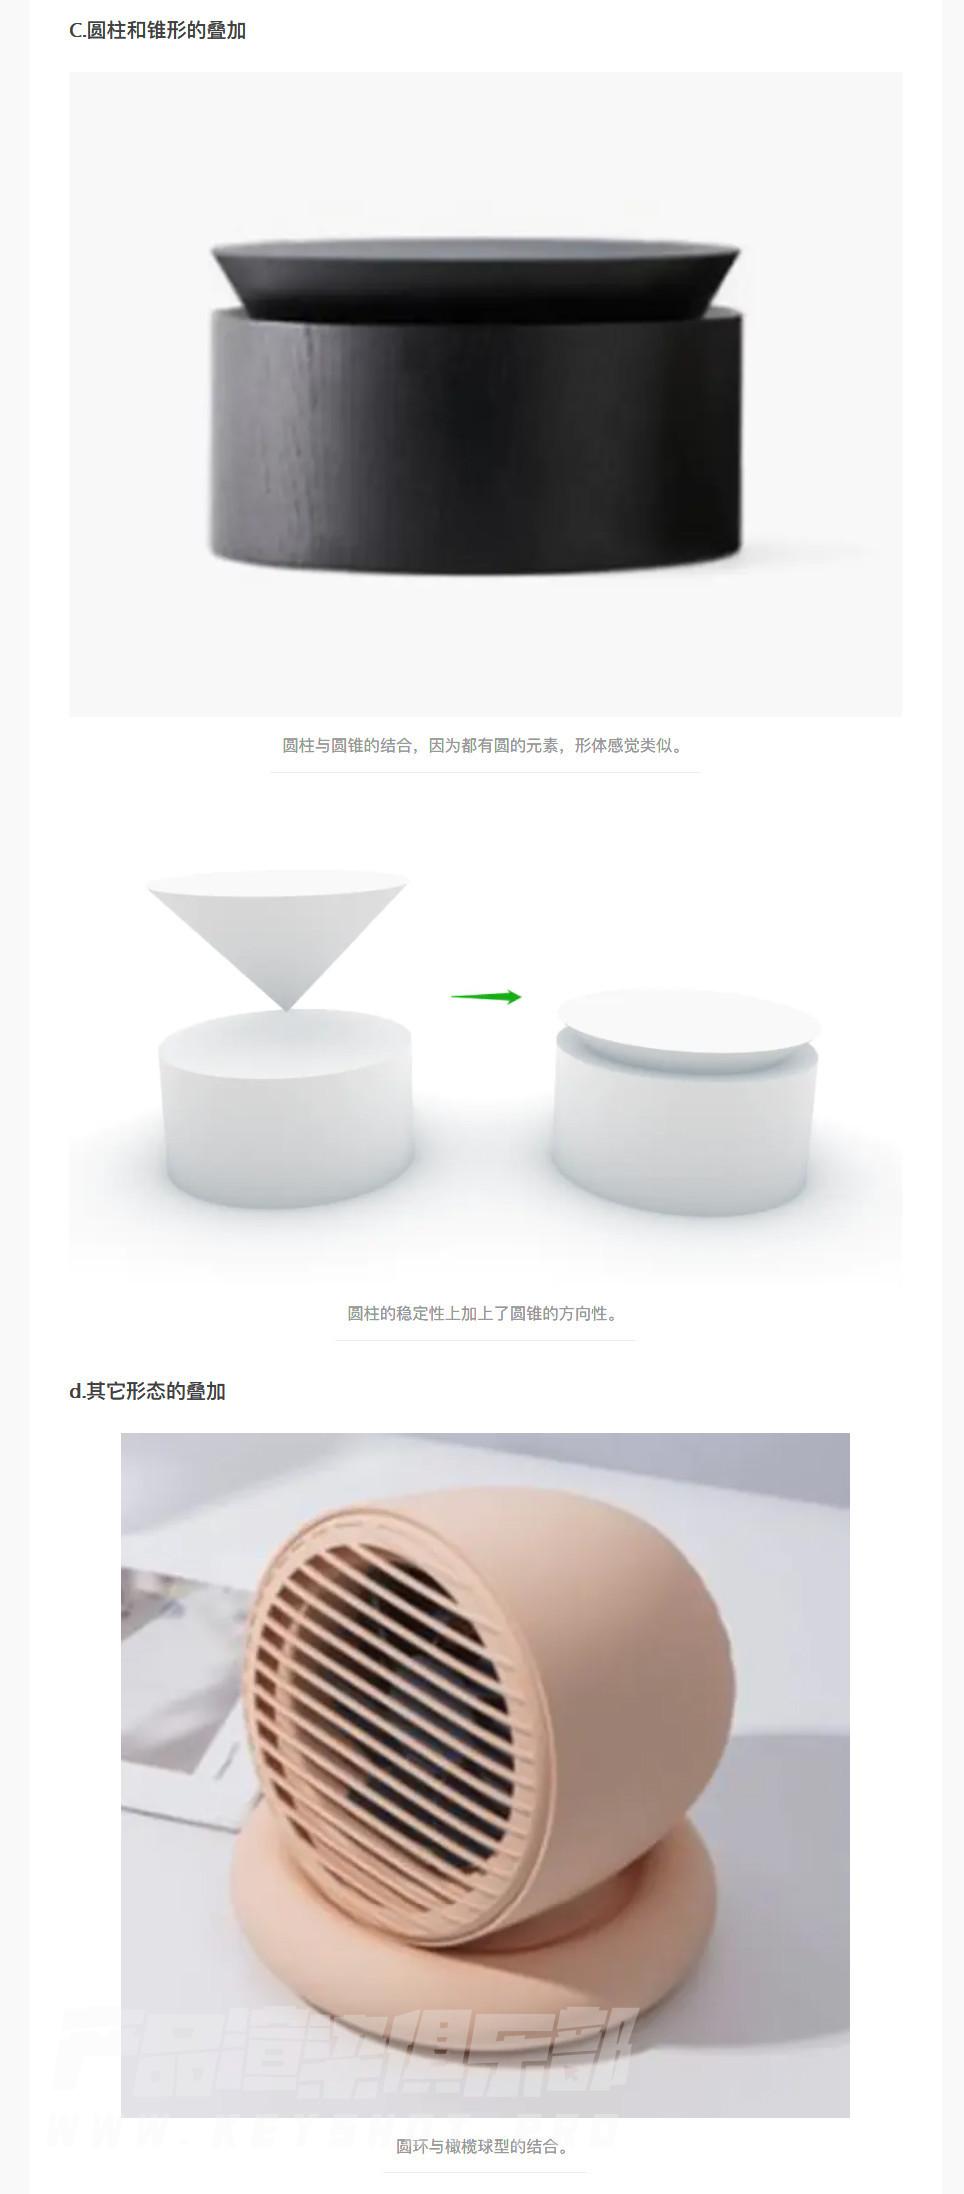 轻松学会产品设计(第八篇-造型方法1)